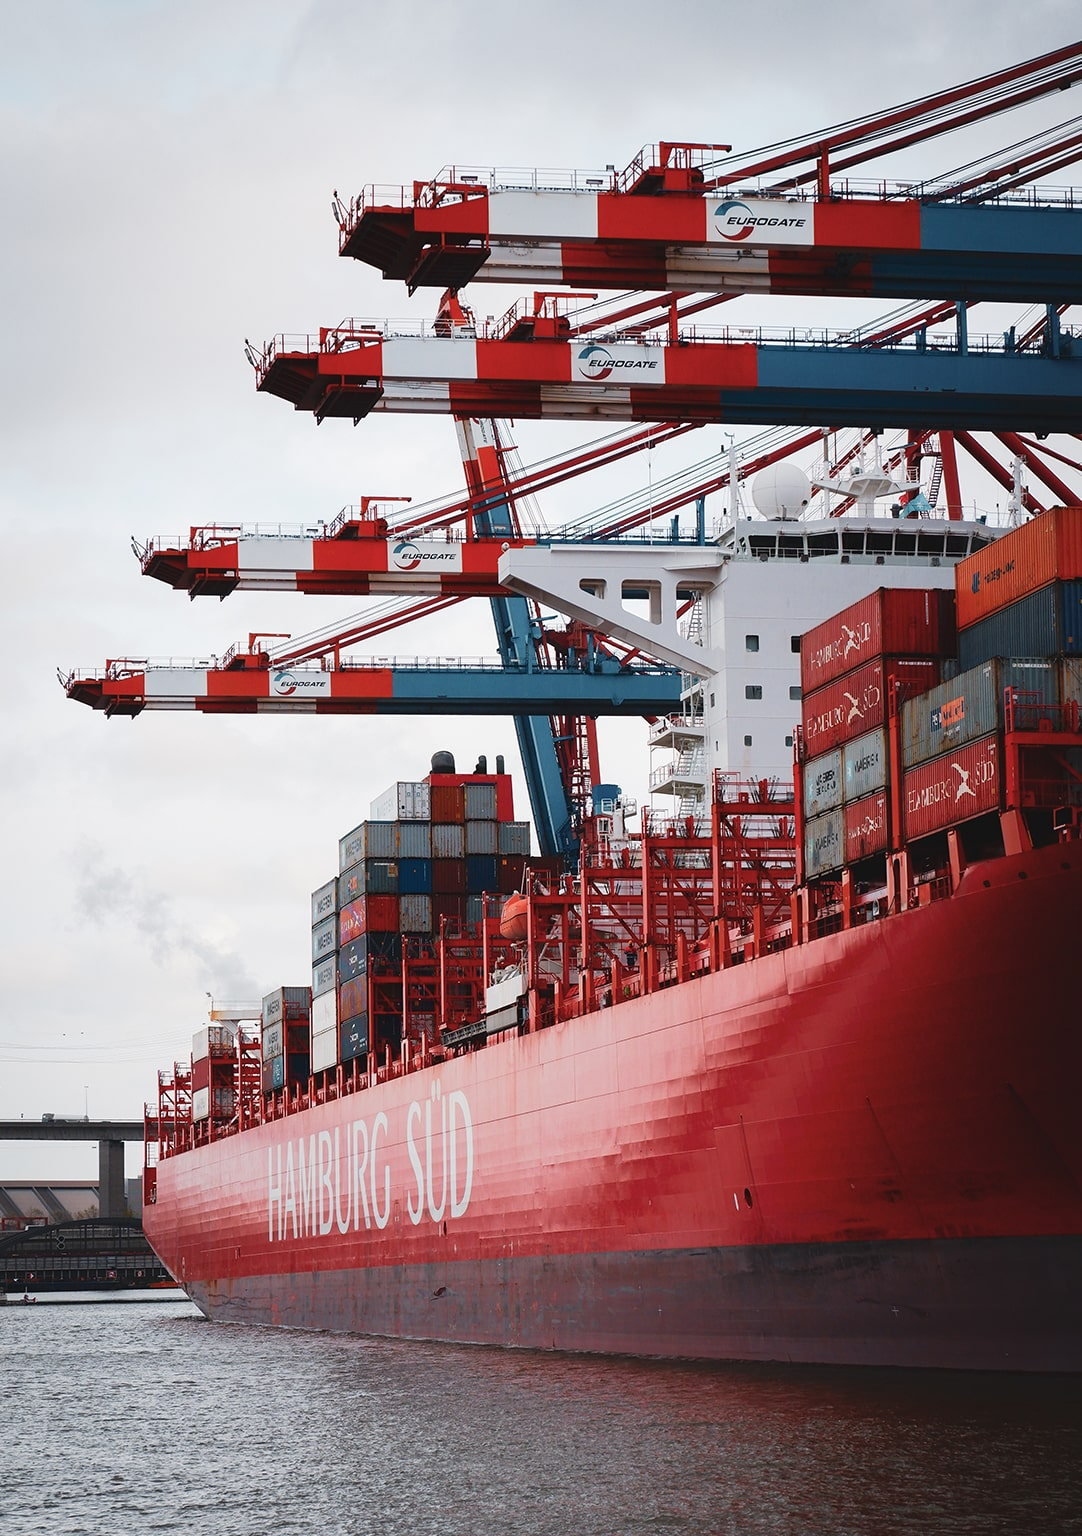 Verzekeren: Transport & Logistiek - Vissers Advies